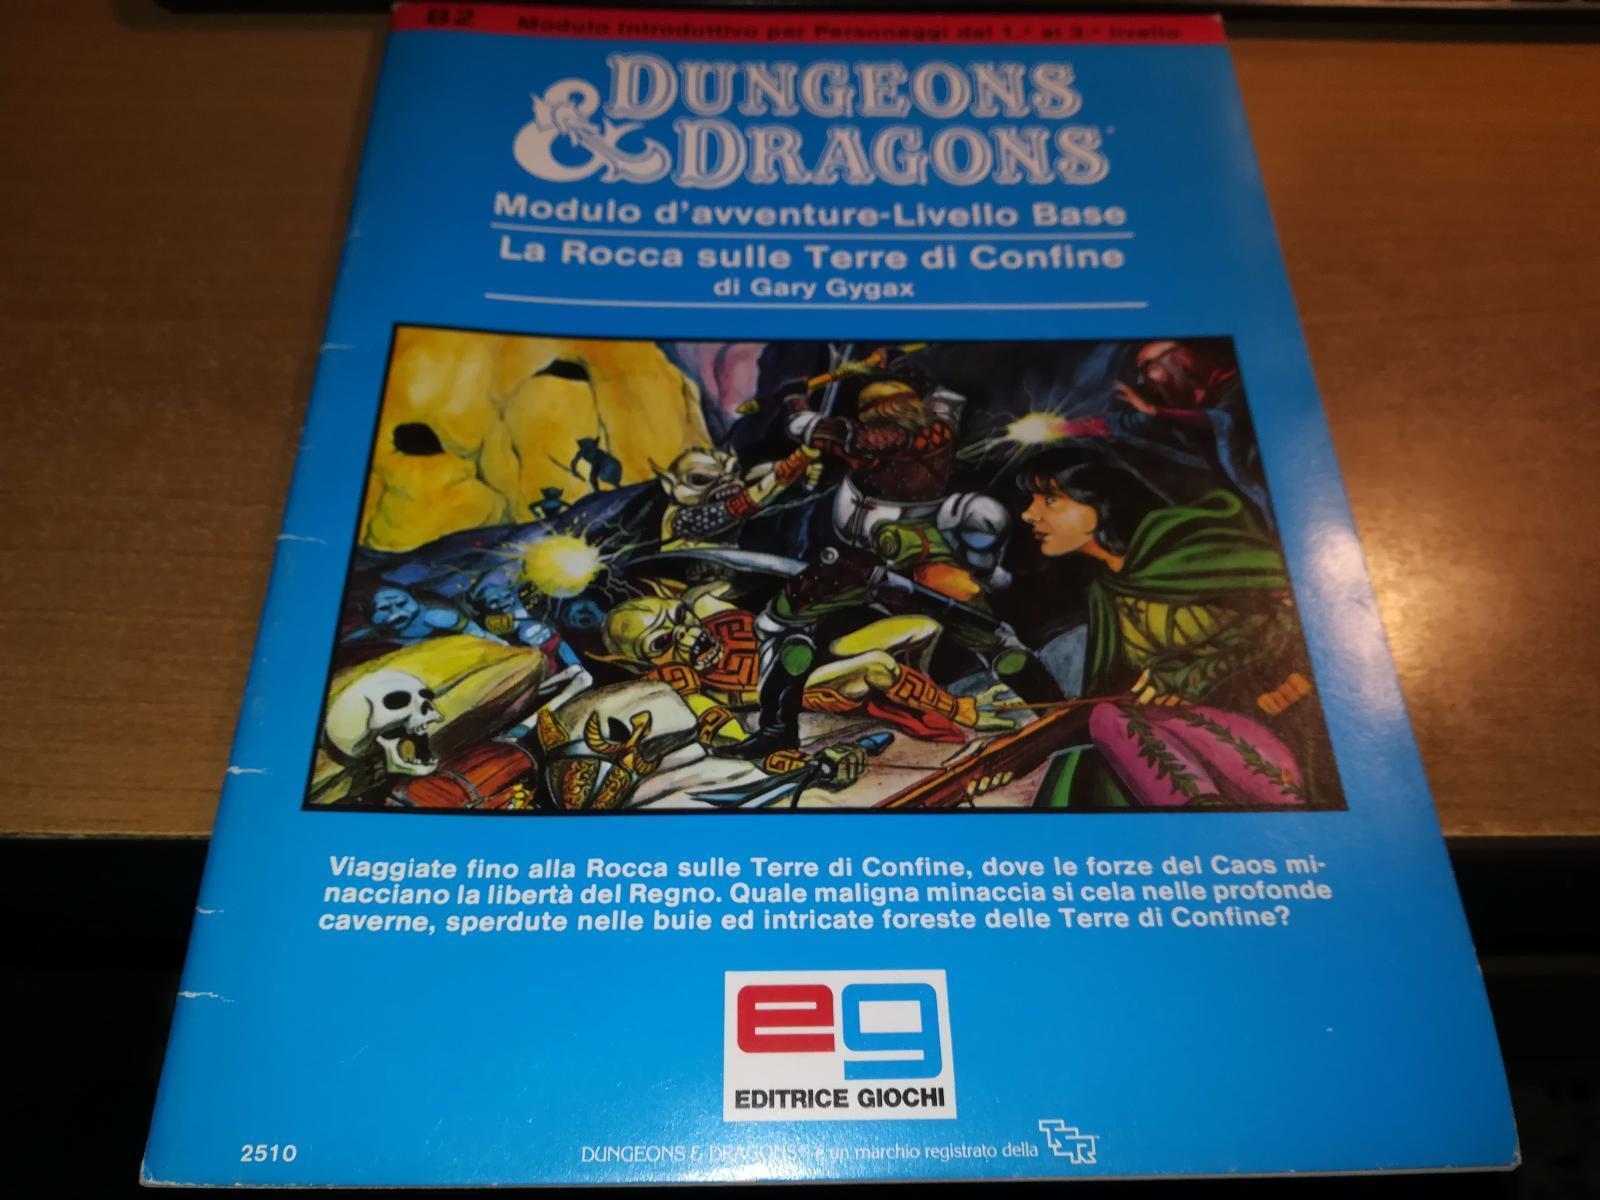 Dungeons & dragons eg LA ROCCA SULLE TERRE  DI CONFINE ITA STAMPATO IN SPAGNA  tutti i prodotti ottengono fino al 34% di sconto